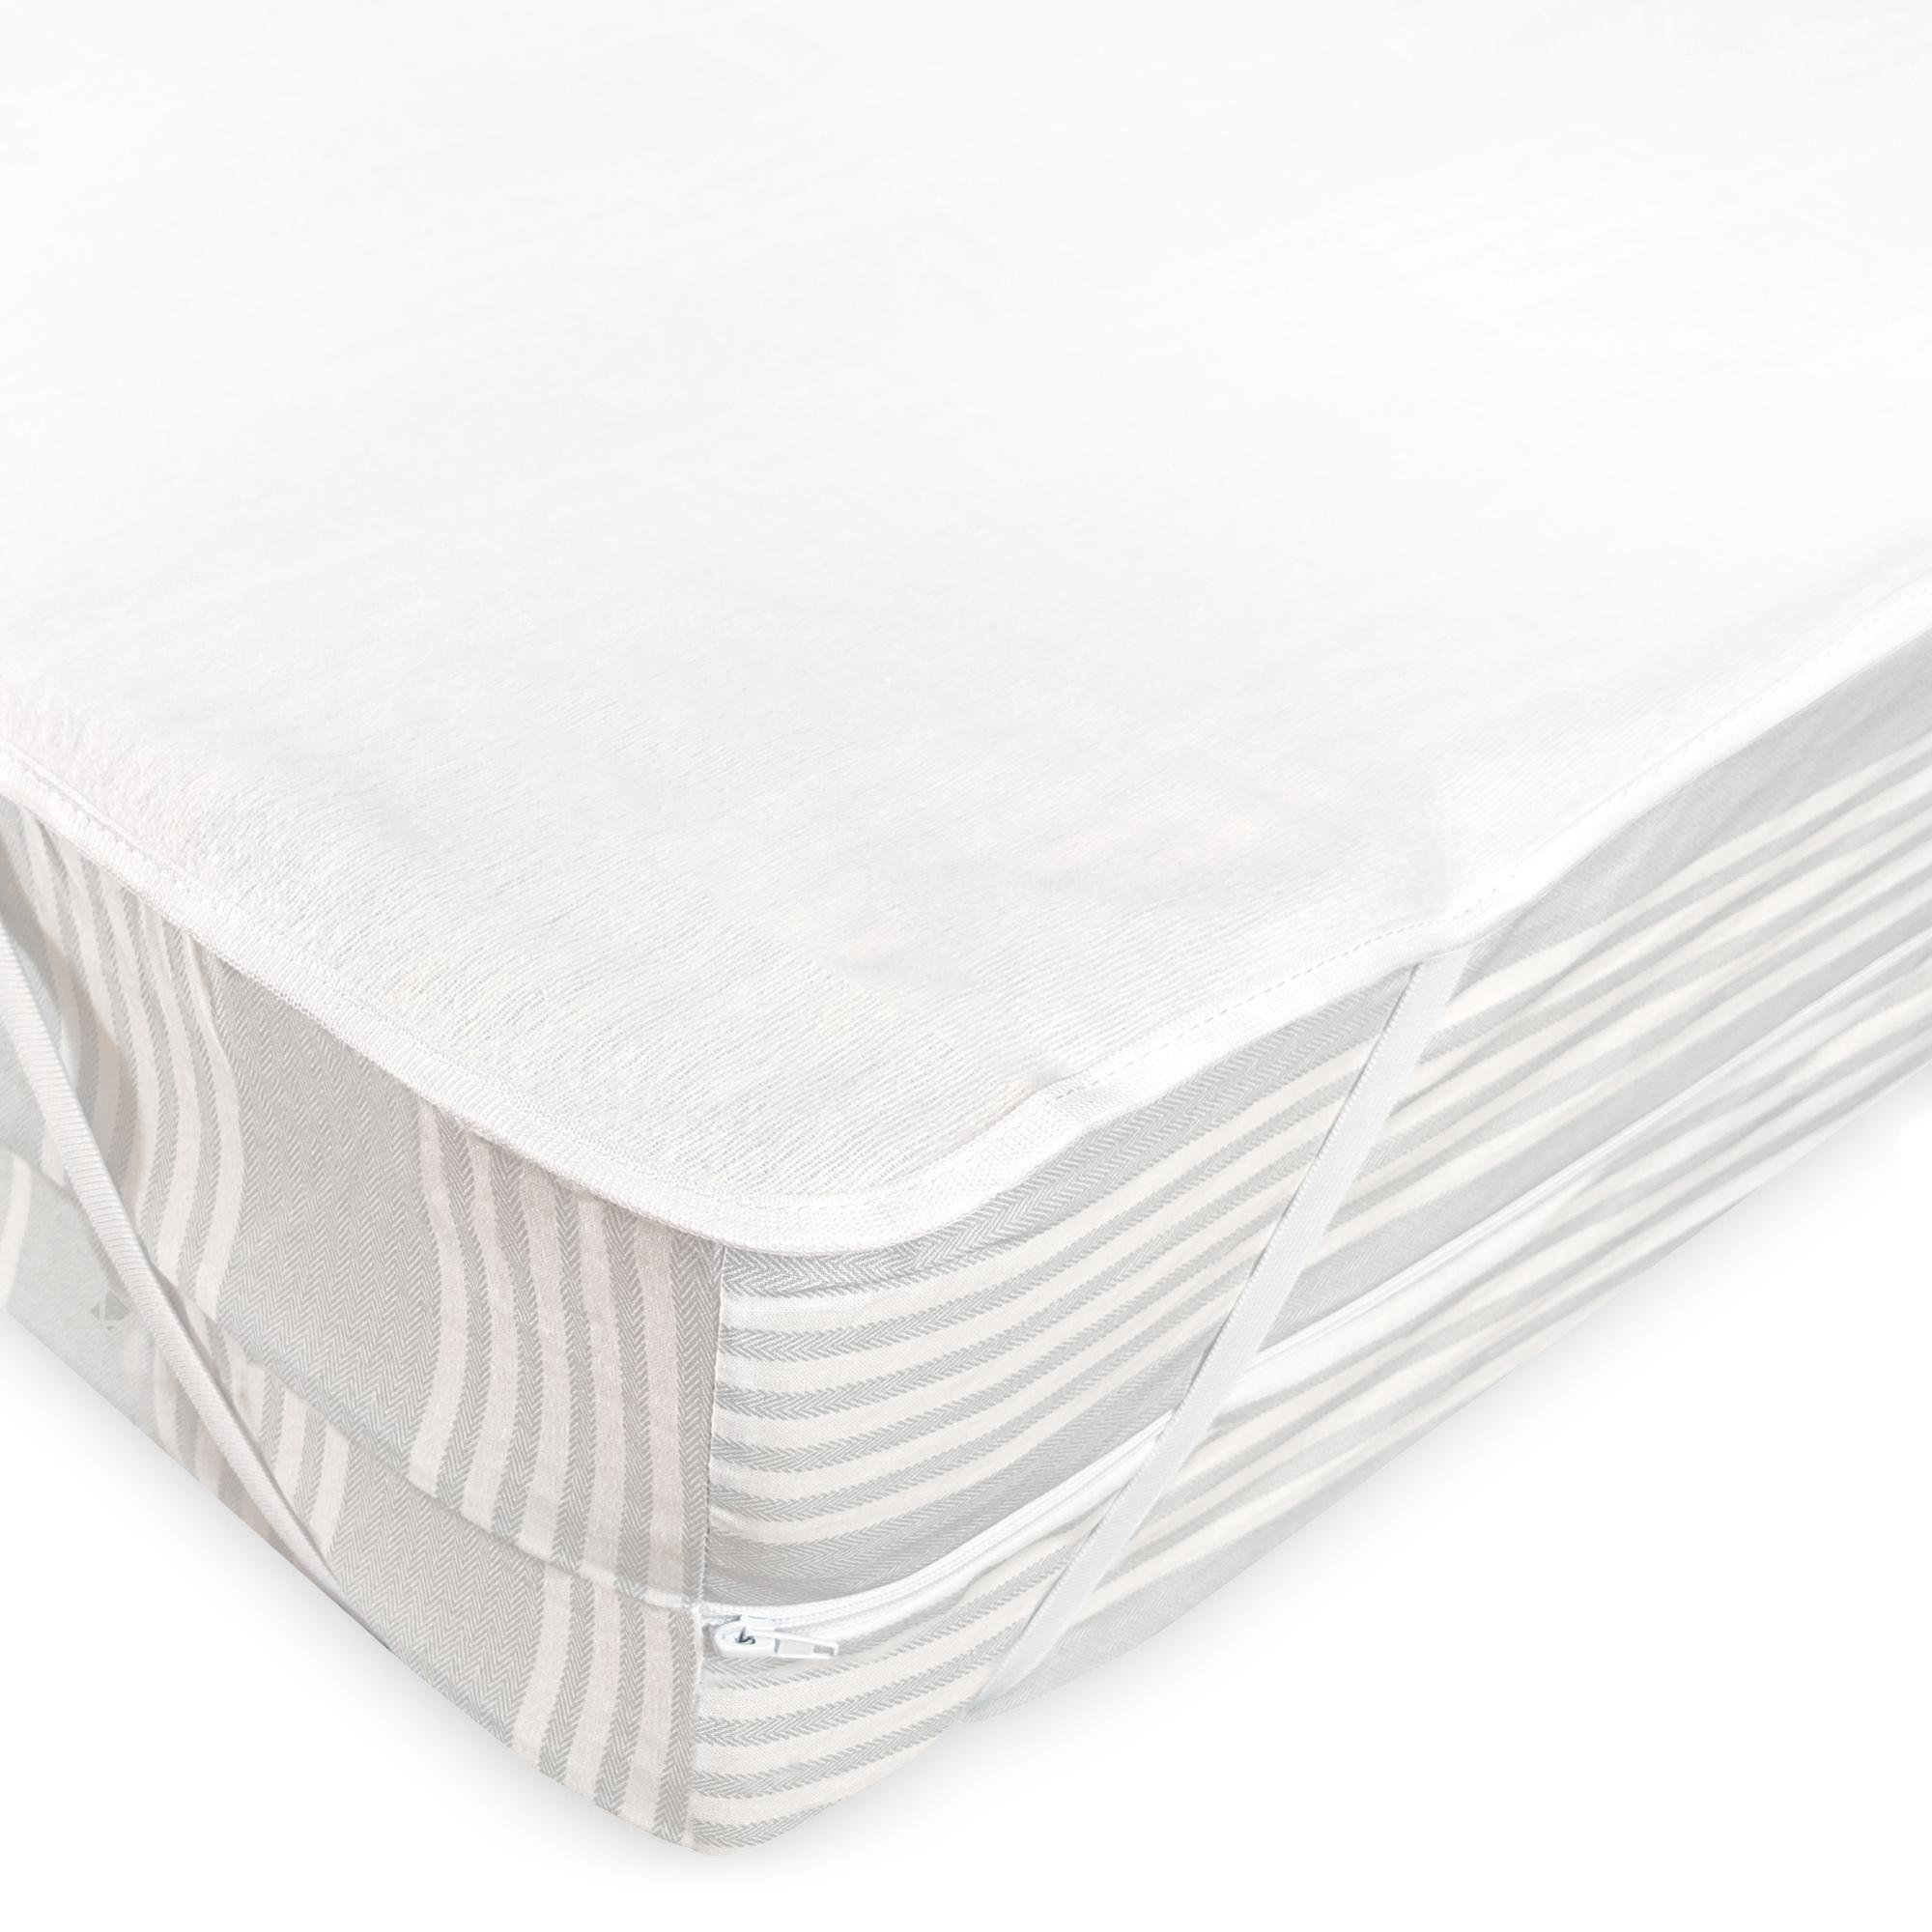 Linnea Alèse plate imperméable 160x200 cm ARNON molleton 100% coton contrecollé polyuréthane